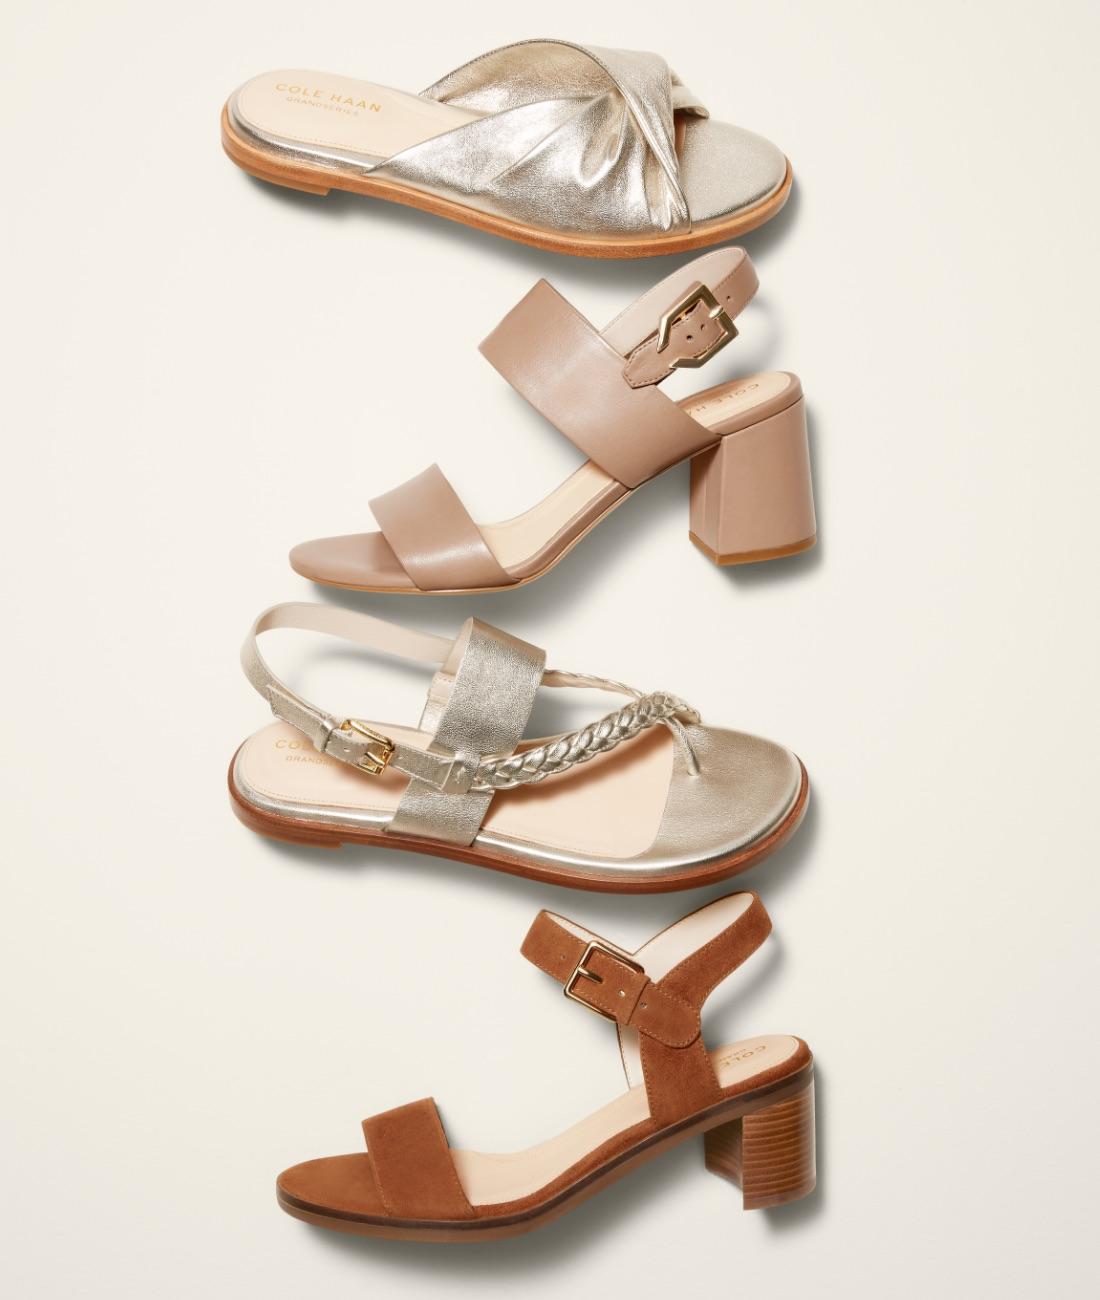 Sandal Guide